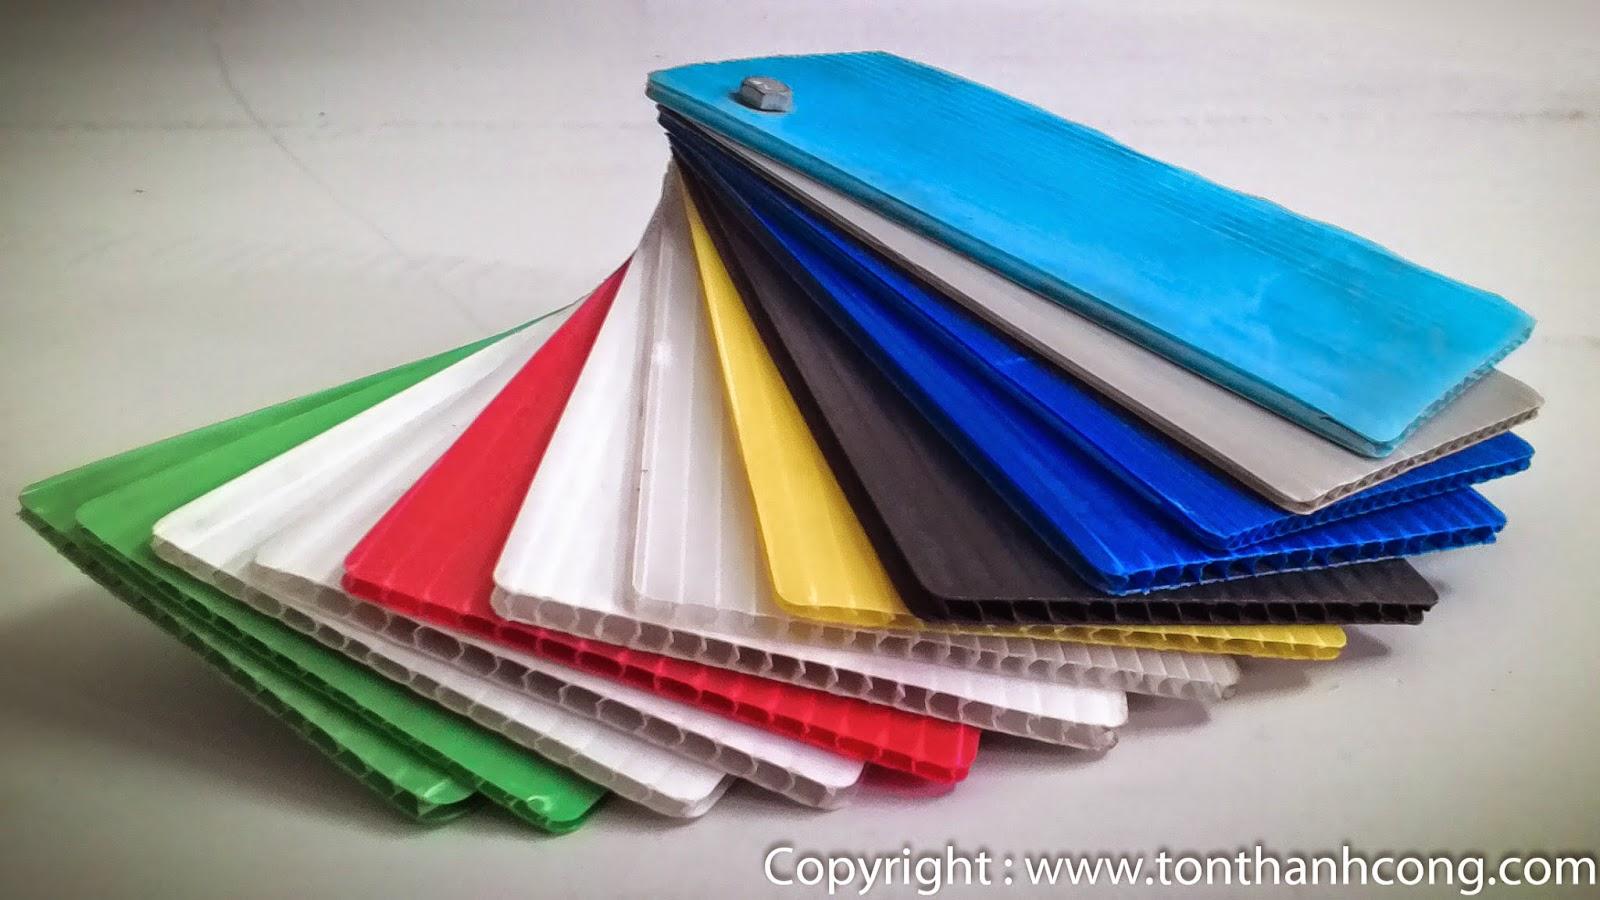 Tấm Xốp Foam PP Rỗng Ruột với nhiều màu